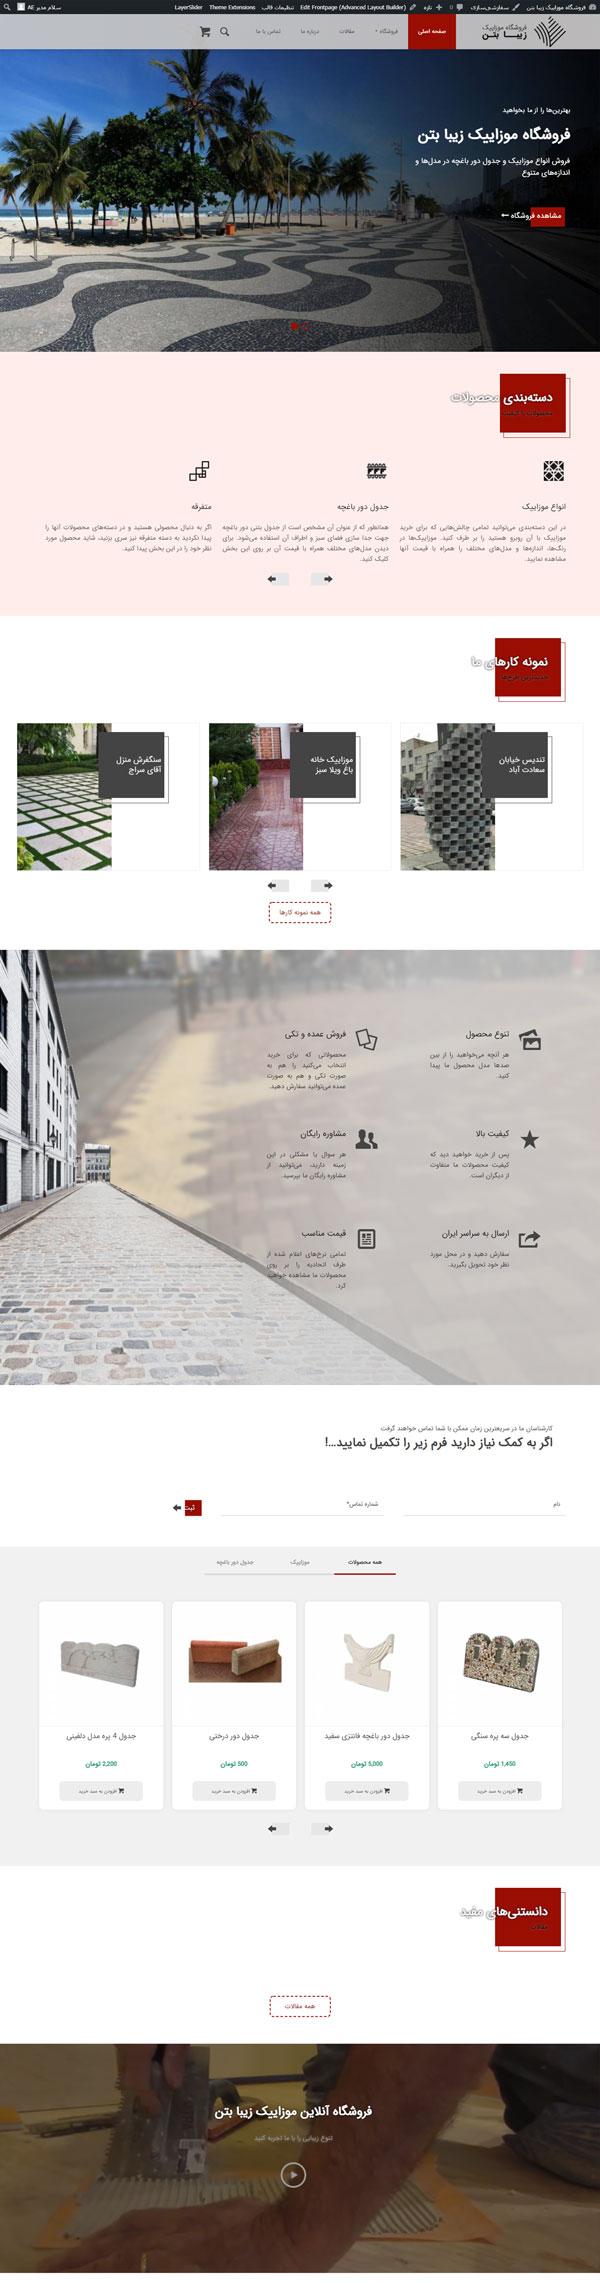 طراحی سایت زیبا بتن   فروشگاه موزاییک